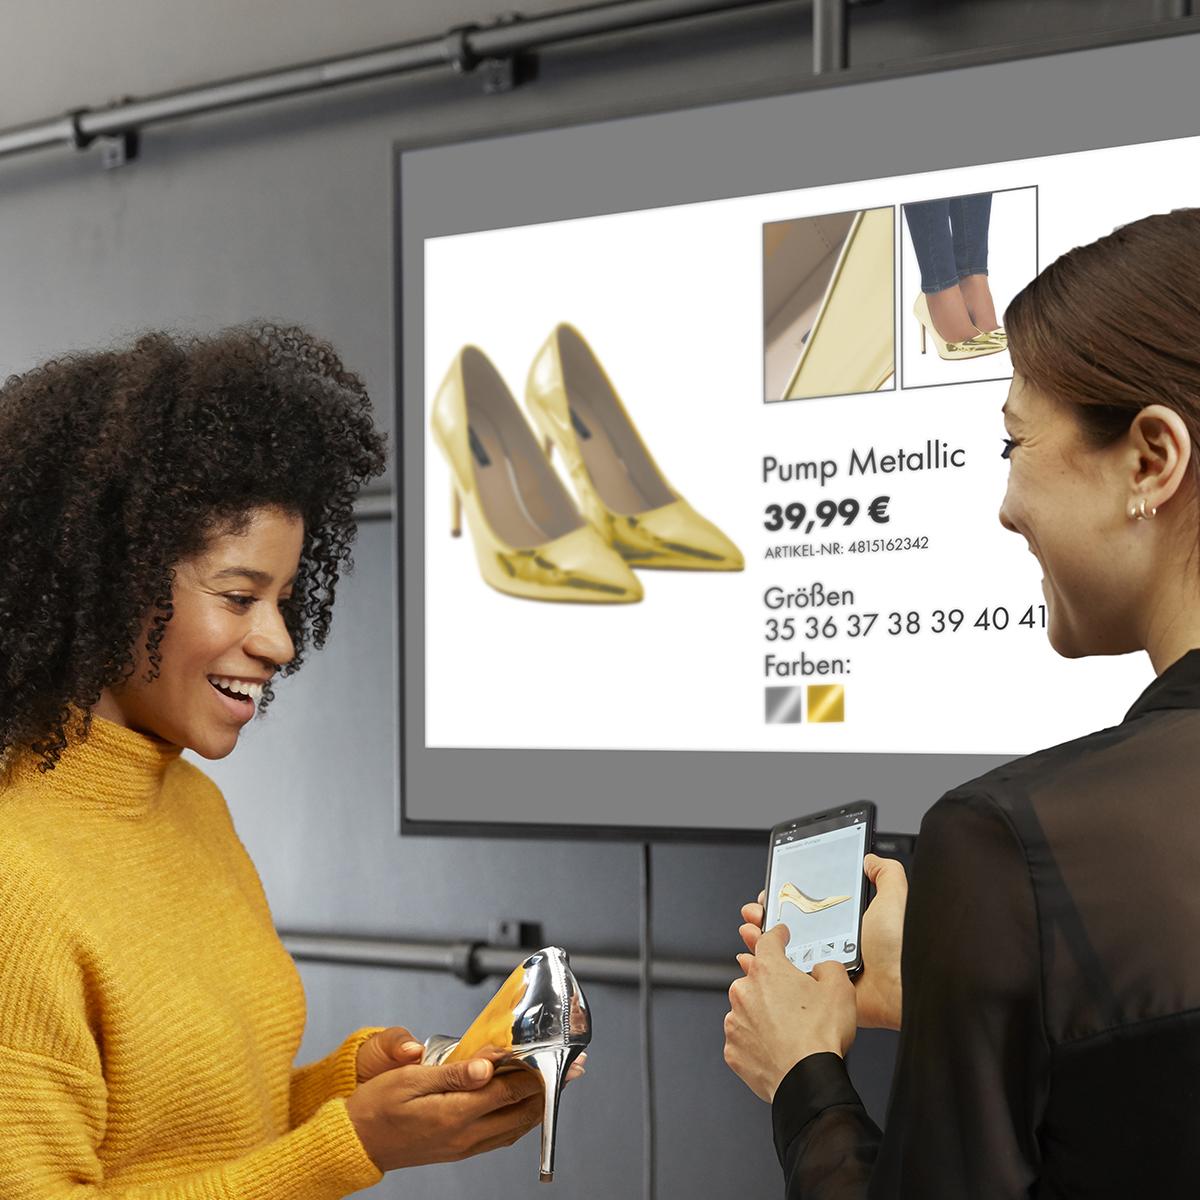 Verkäuferin zeigt Kundin Informationen zu ihrem Produkt auf dem InStore Assistant un einem Digital Signage Bildschirm